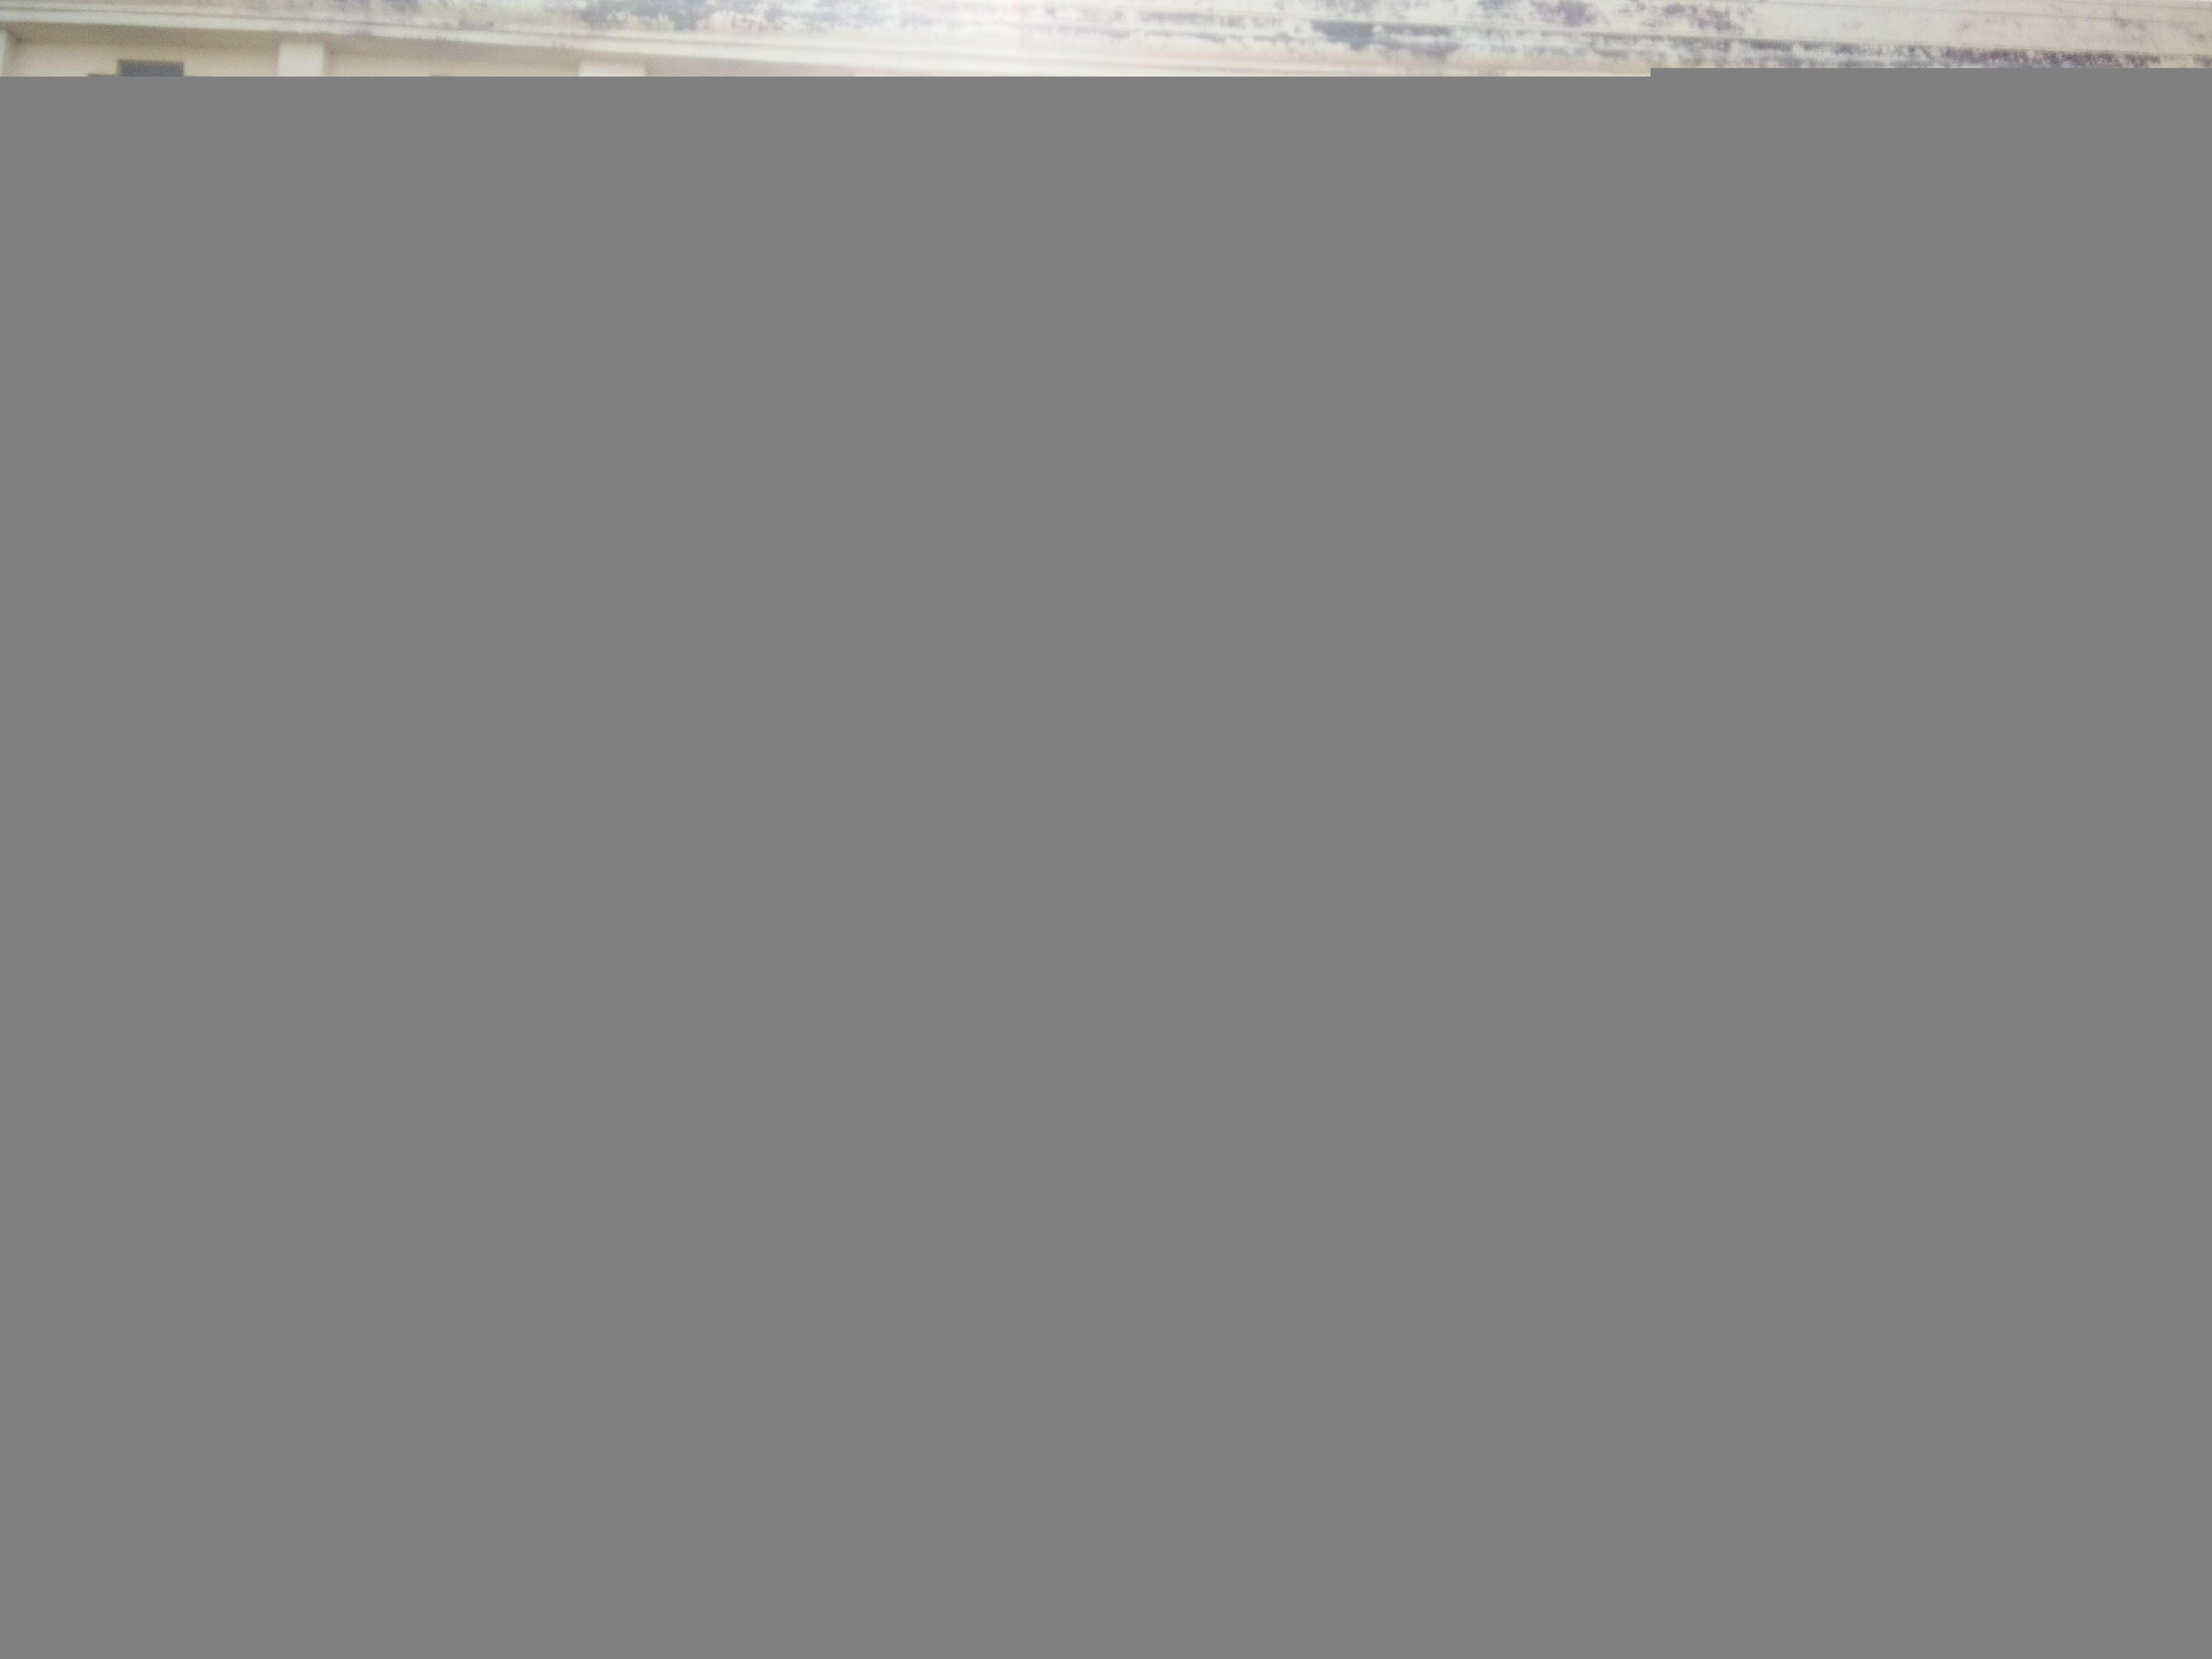 MAHARISHI VIDYA MANDIR JHANSI ROAD ORAI JALAUN UTTAR PRADESH 2130659